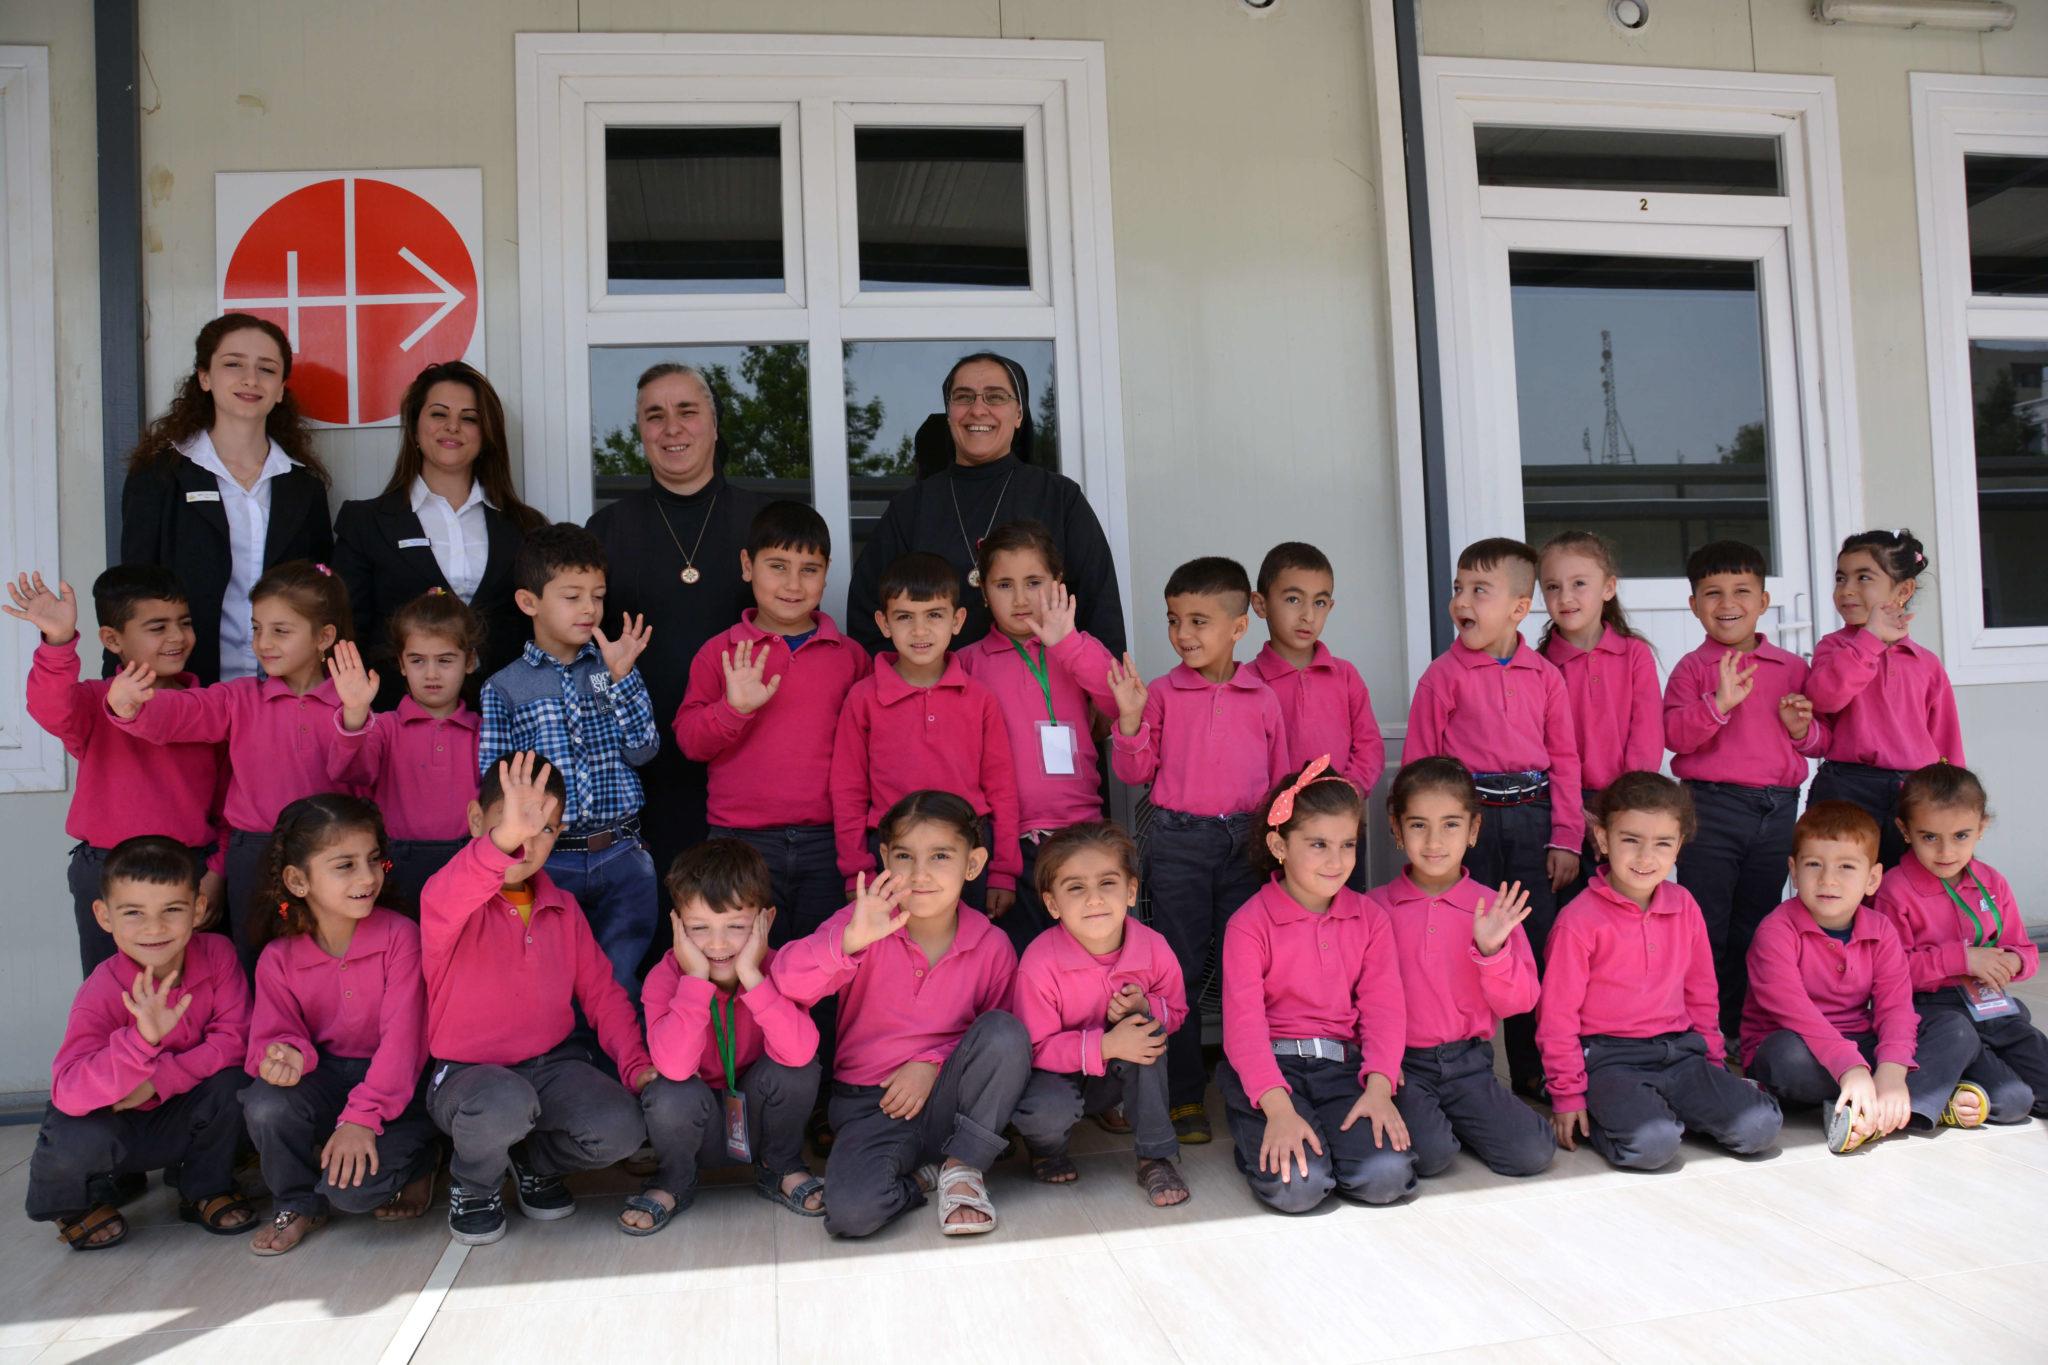 Irak: dzieci ze szkoły w obozie dla uchodźców